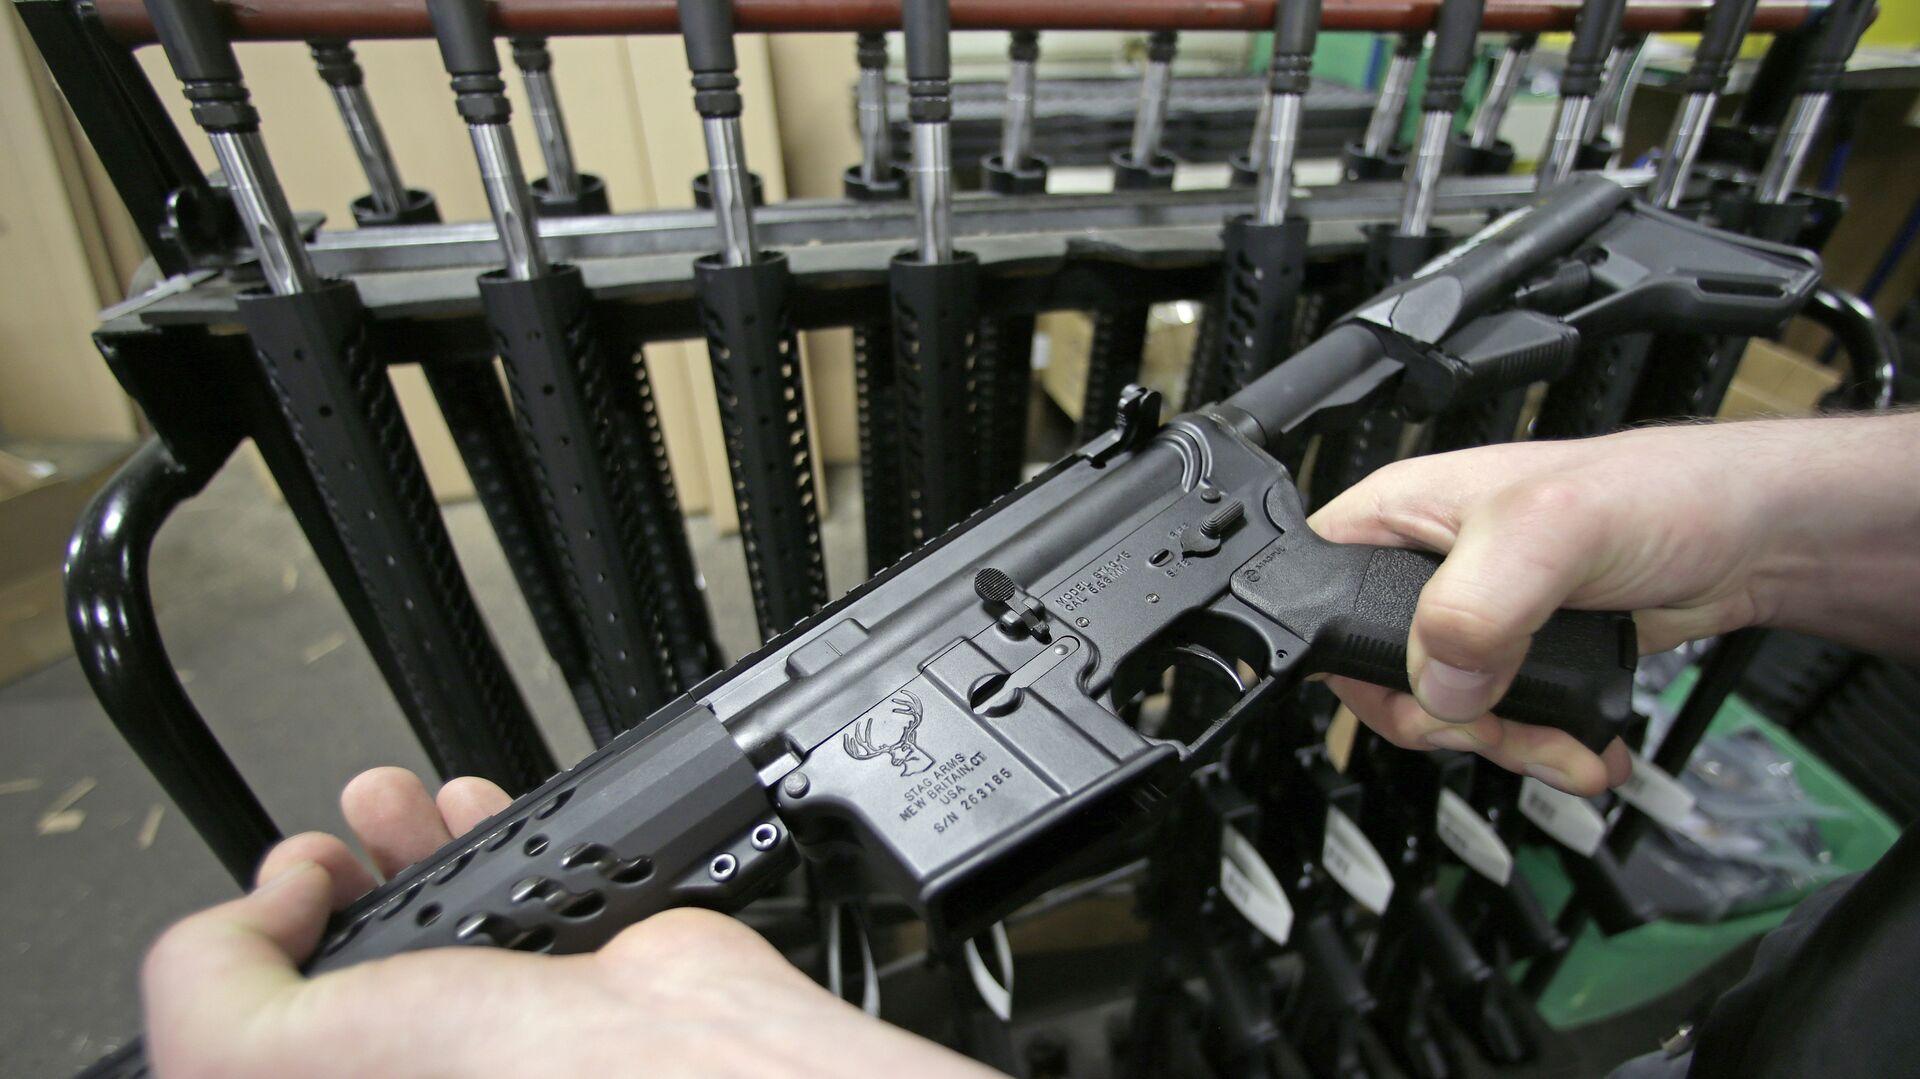 Поуавтоматическая штурмовая винтовка Colt AR-15 в одном из оружейных магазинов штата Коннектикут, США - РИА Новости, 1920, 16.01.2021